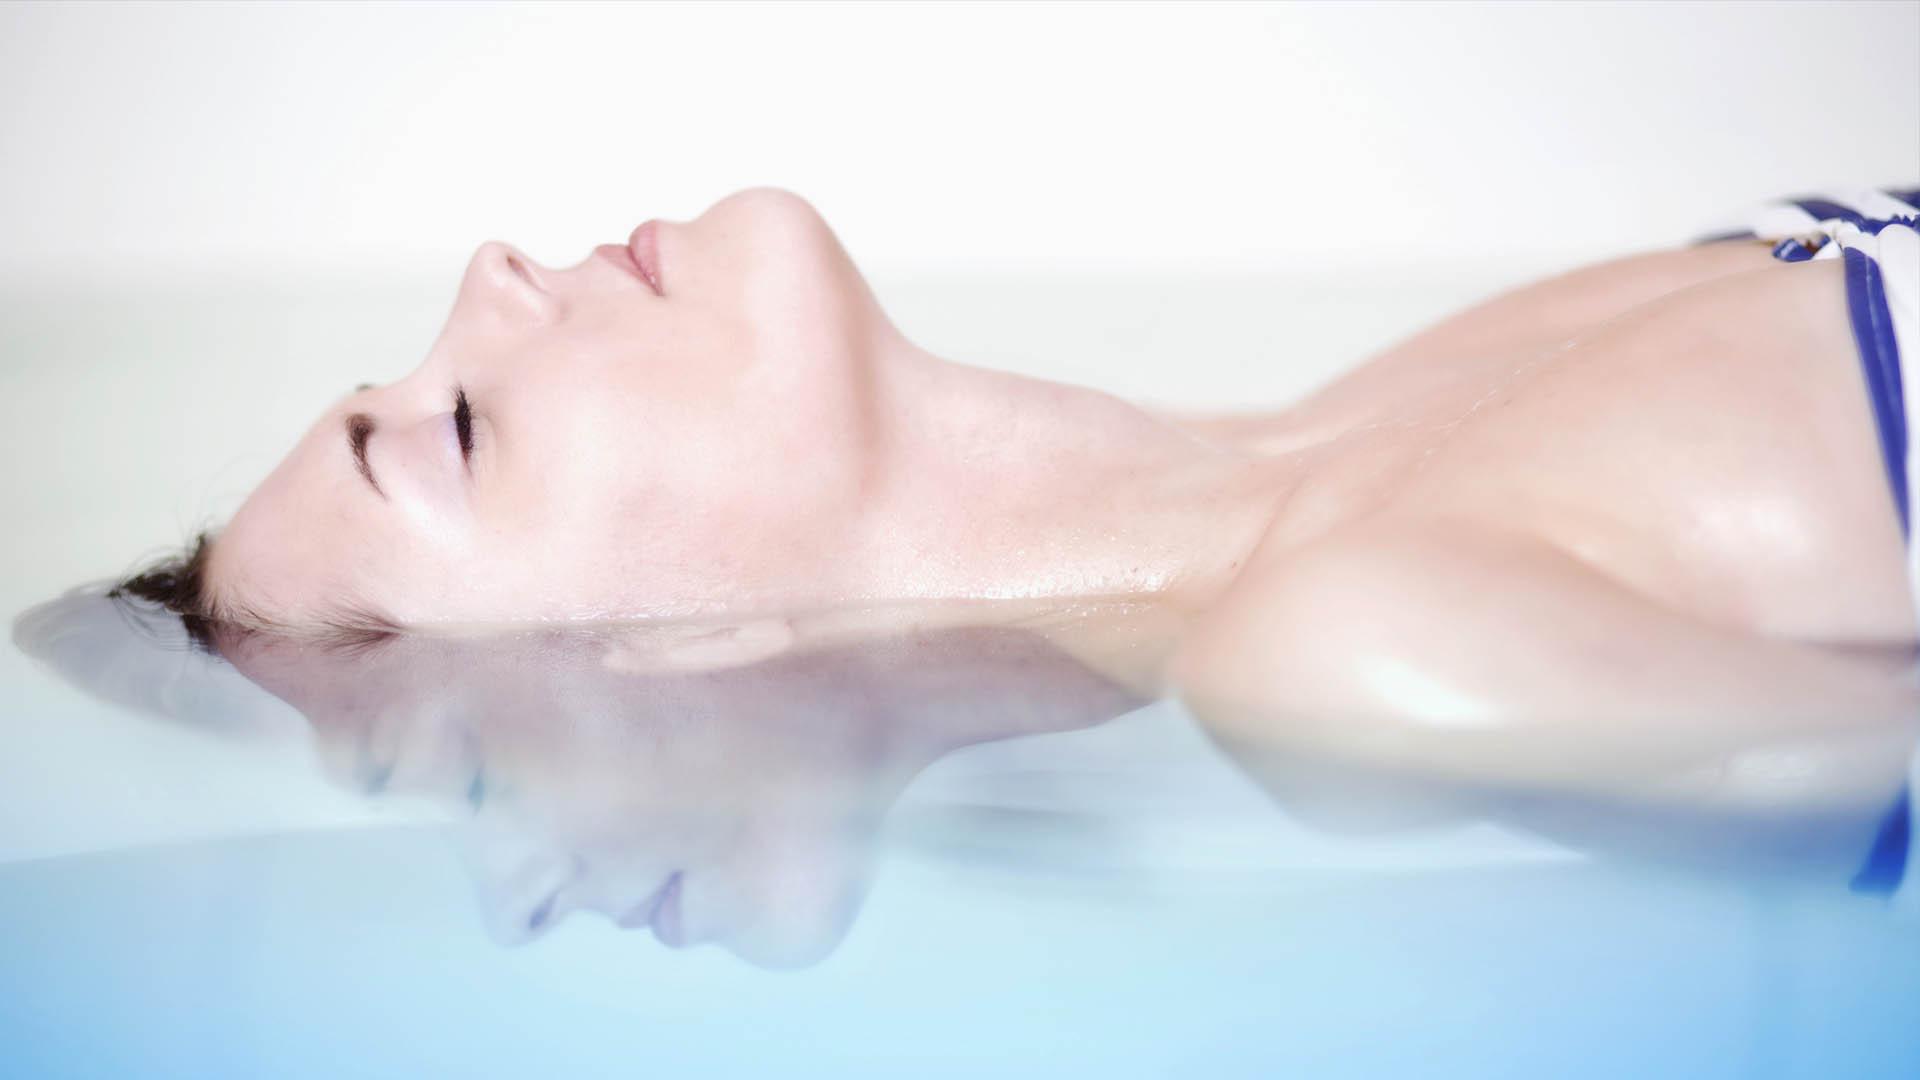 Жидкость при стрйном оргазме